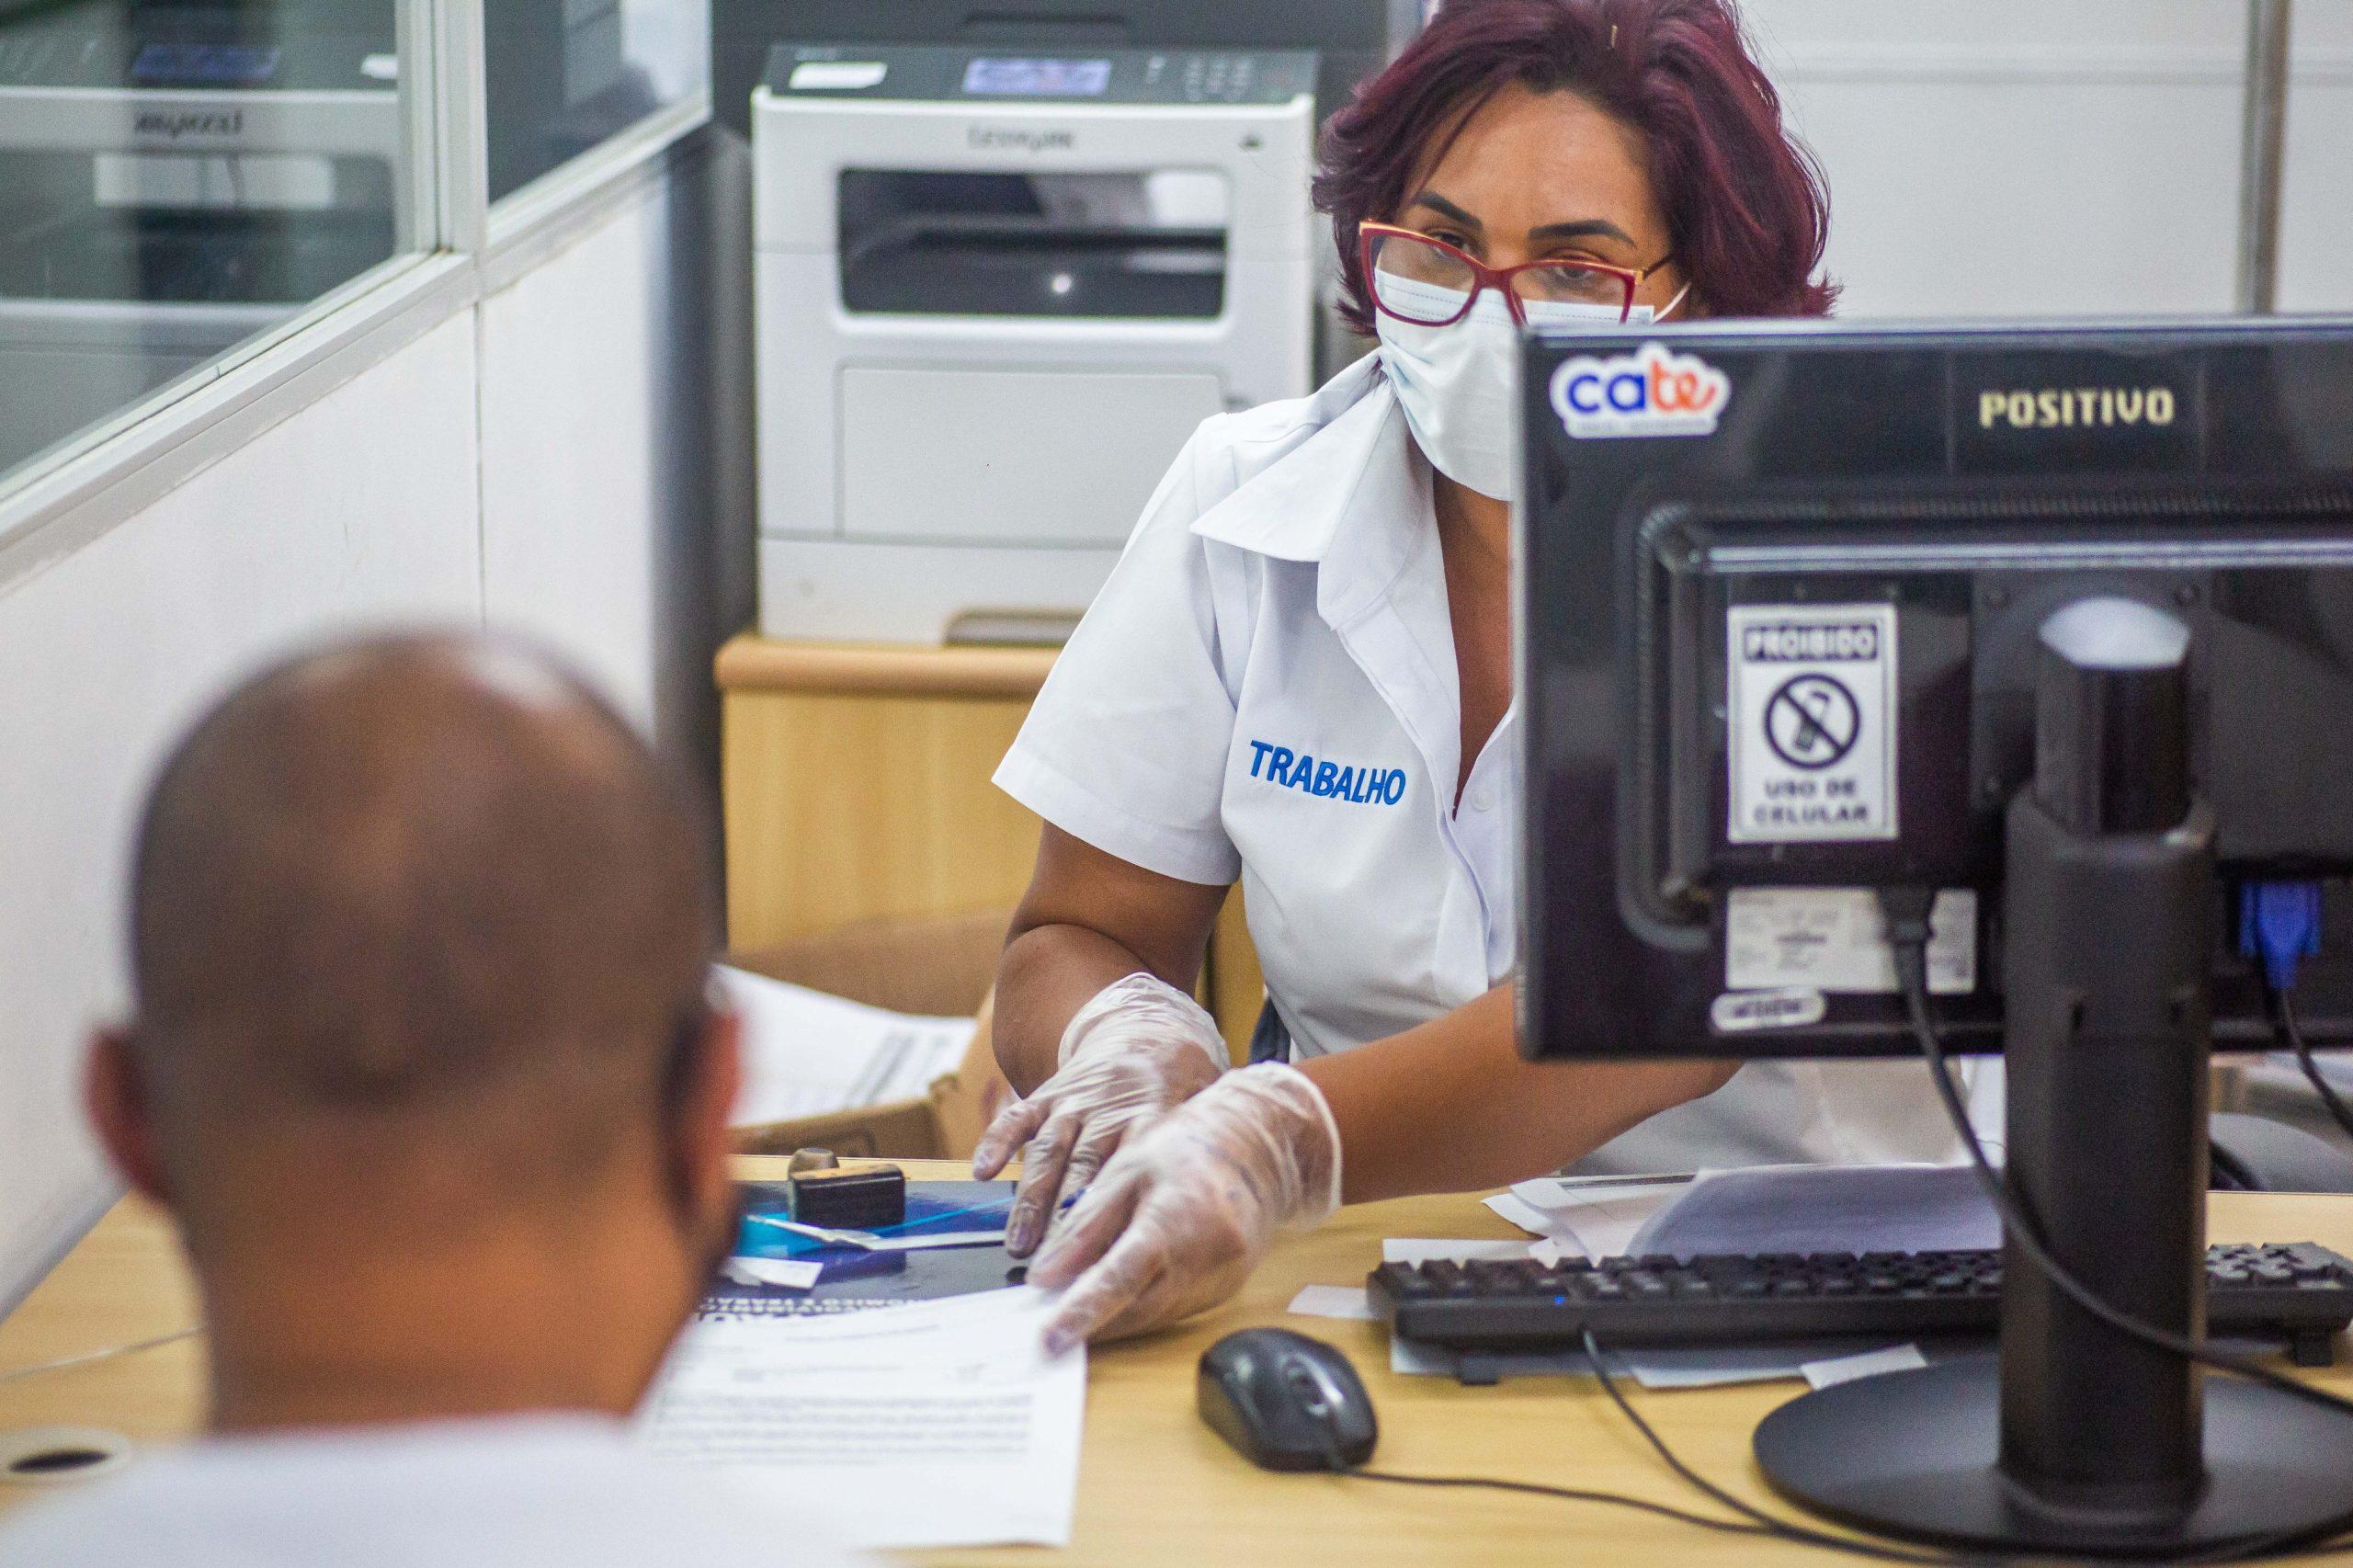 Os atendimentos no Cate são feitos exclusivamente mediante agendamento e para solicitar seguro-desemprego e auxílio emergencial. (Divulgação: Prefeitura de São Paulo)